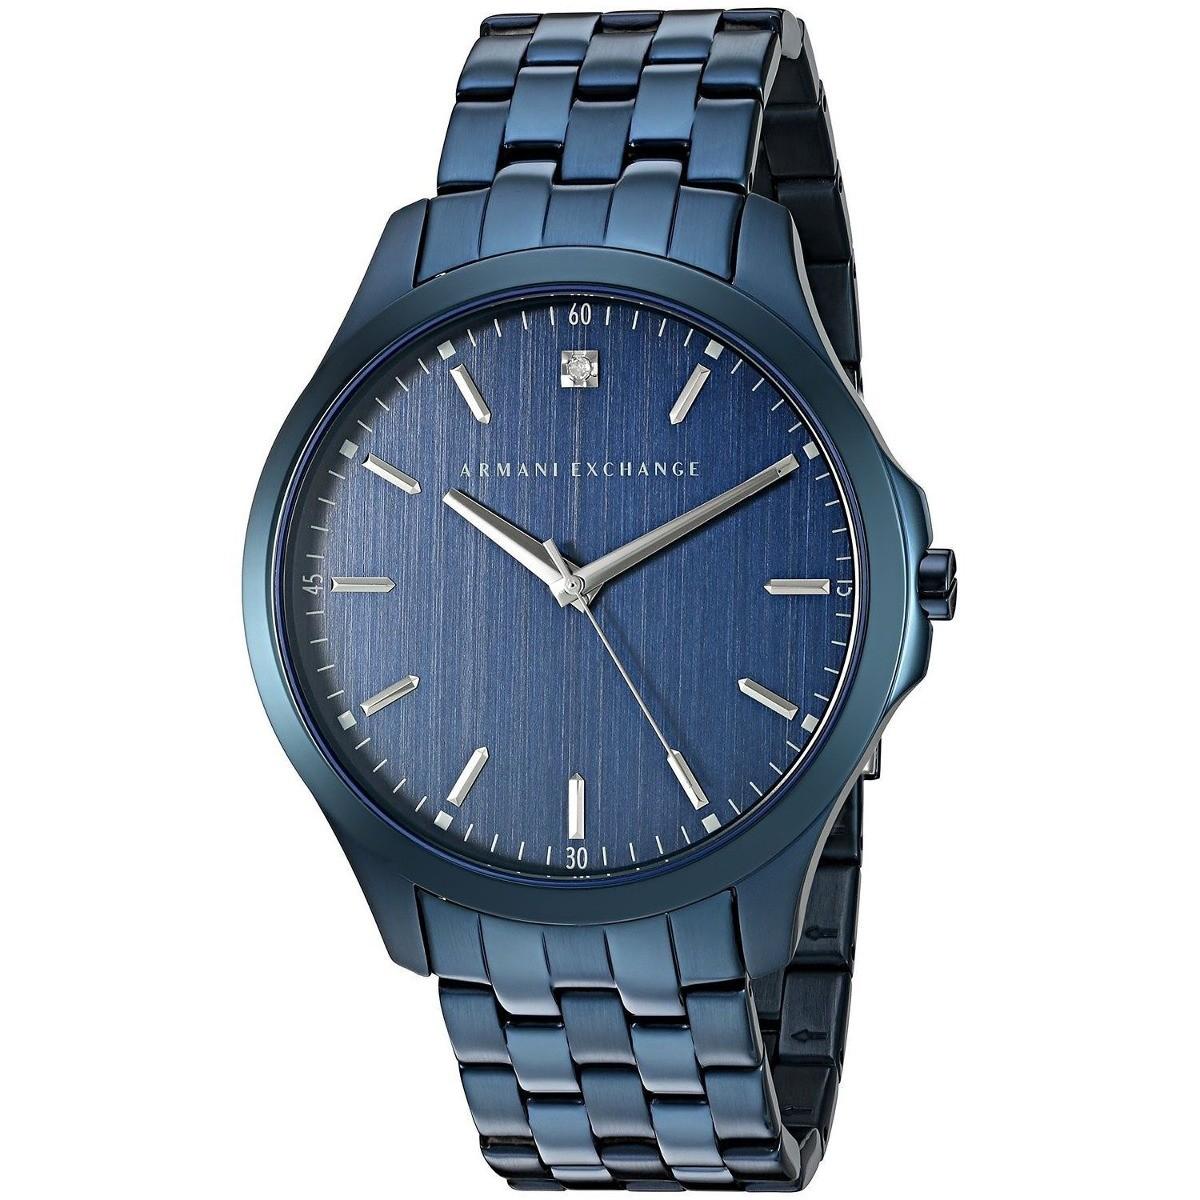 Relógio Armani Exchange Masculino - AX2184/4AN  - Dumont Online - Joias e Relógios